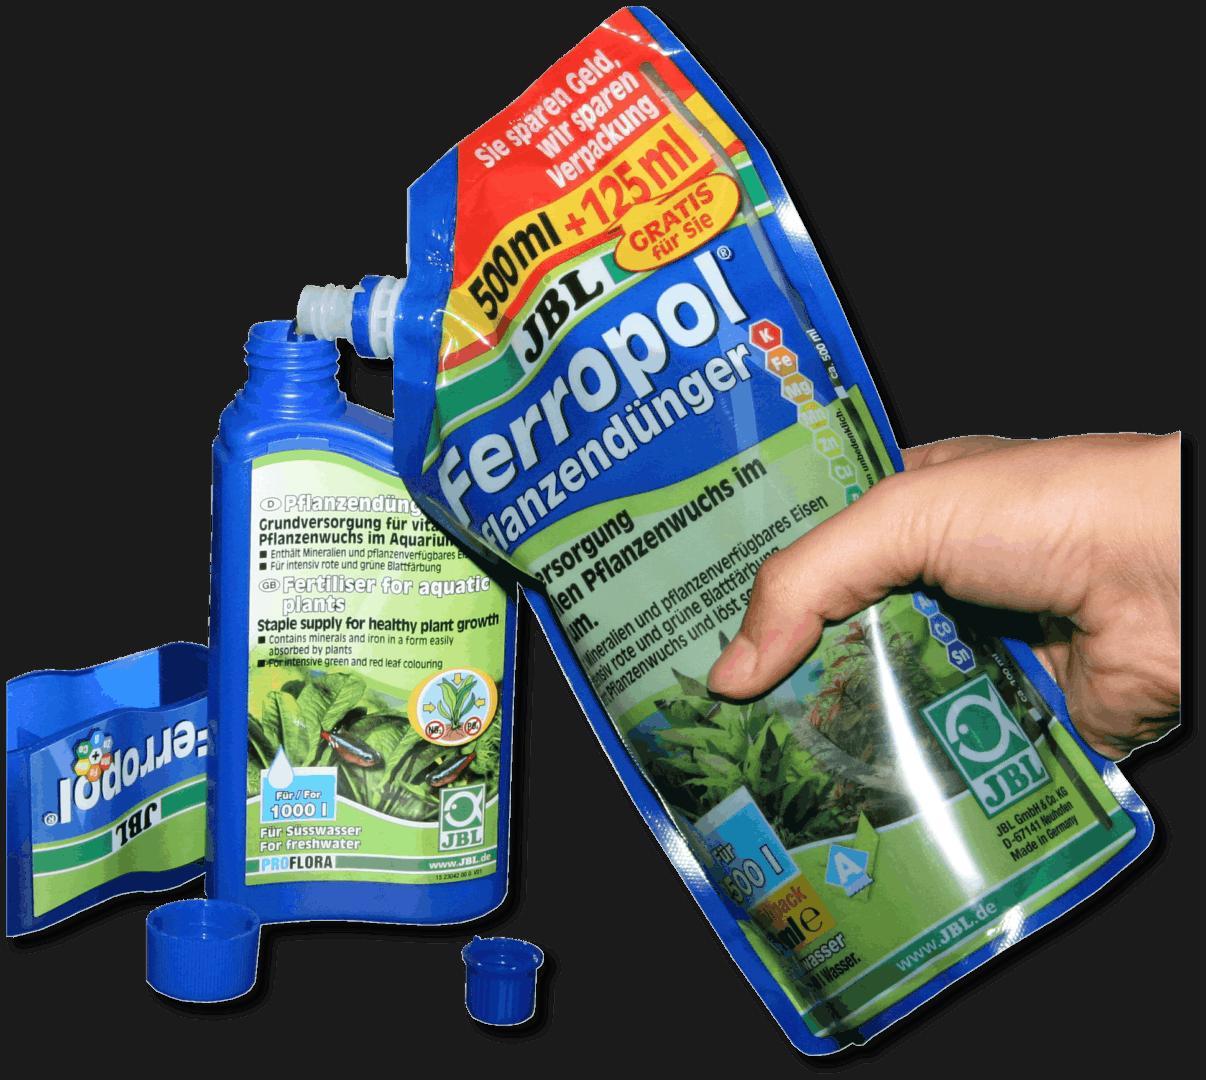 JBL Nachhaltigkeit -Nachfüllpack für Flüssigkeiten wie Wasseraufbereiter und Pflanzendünger